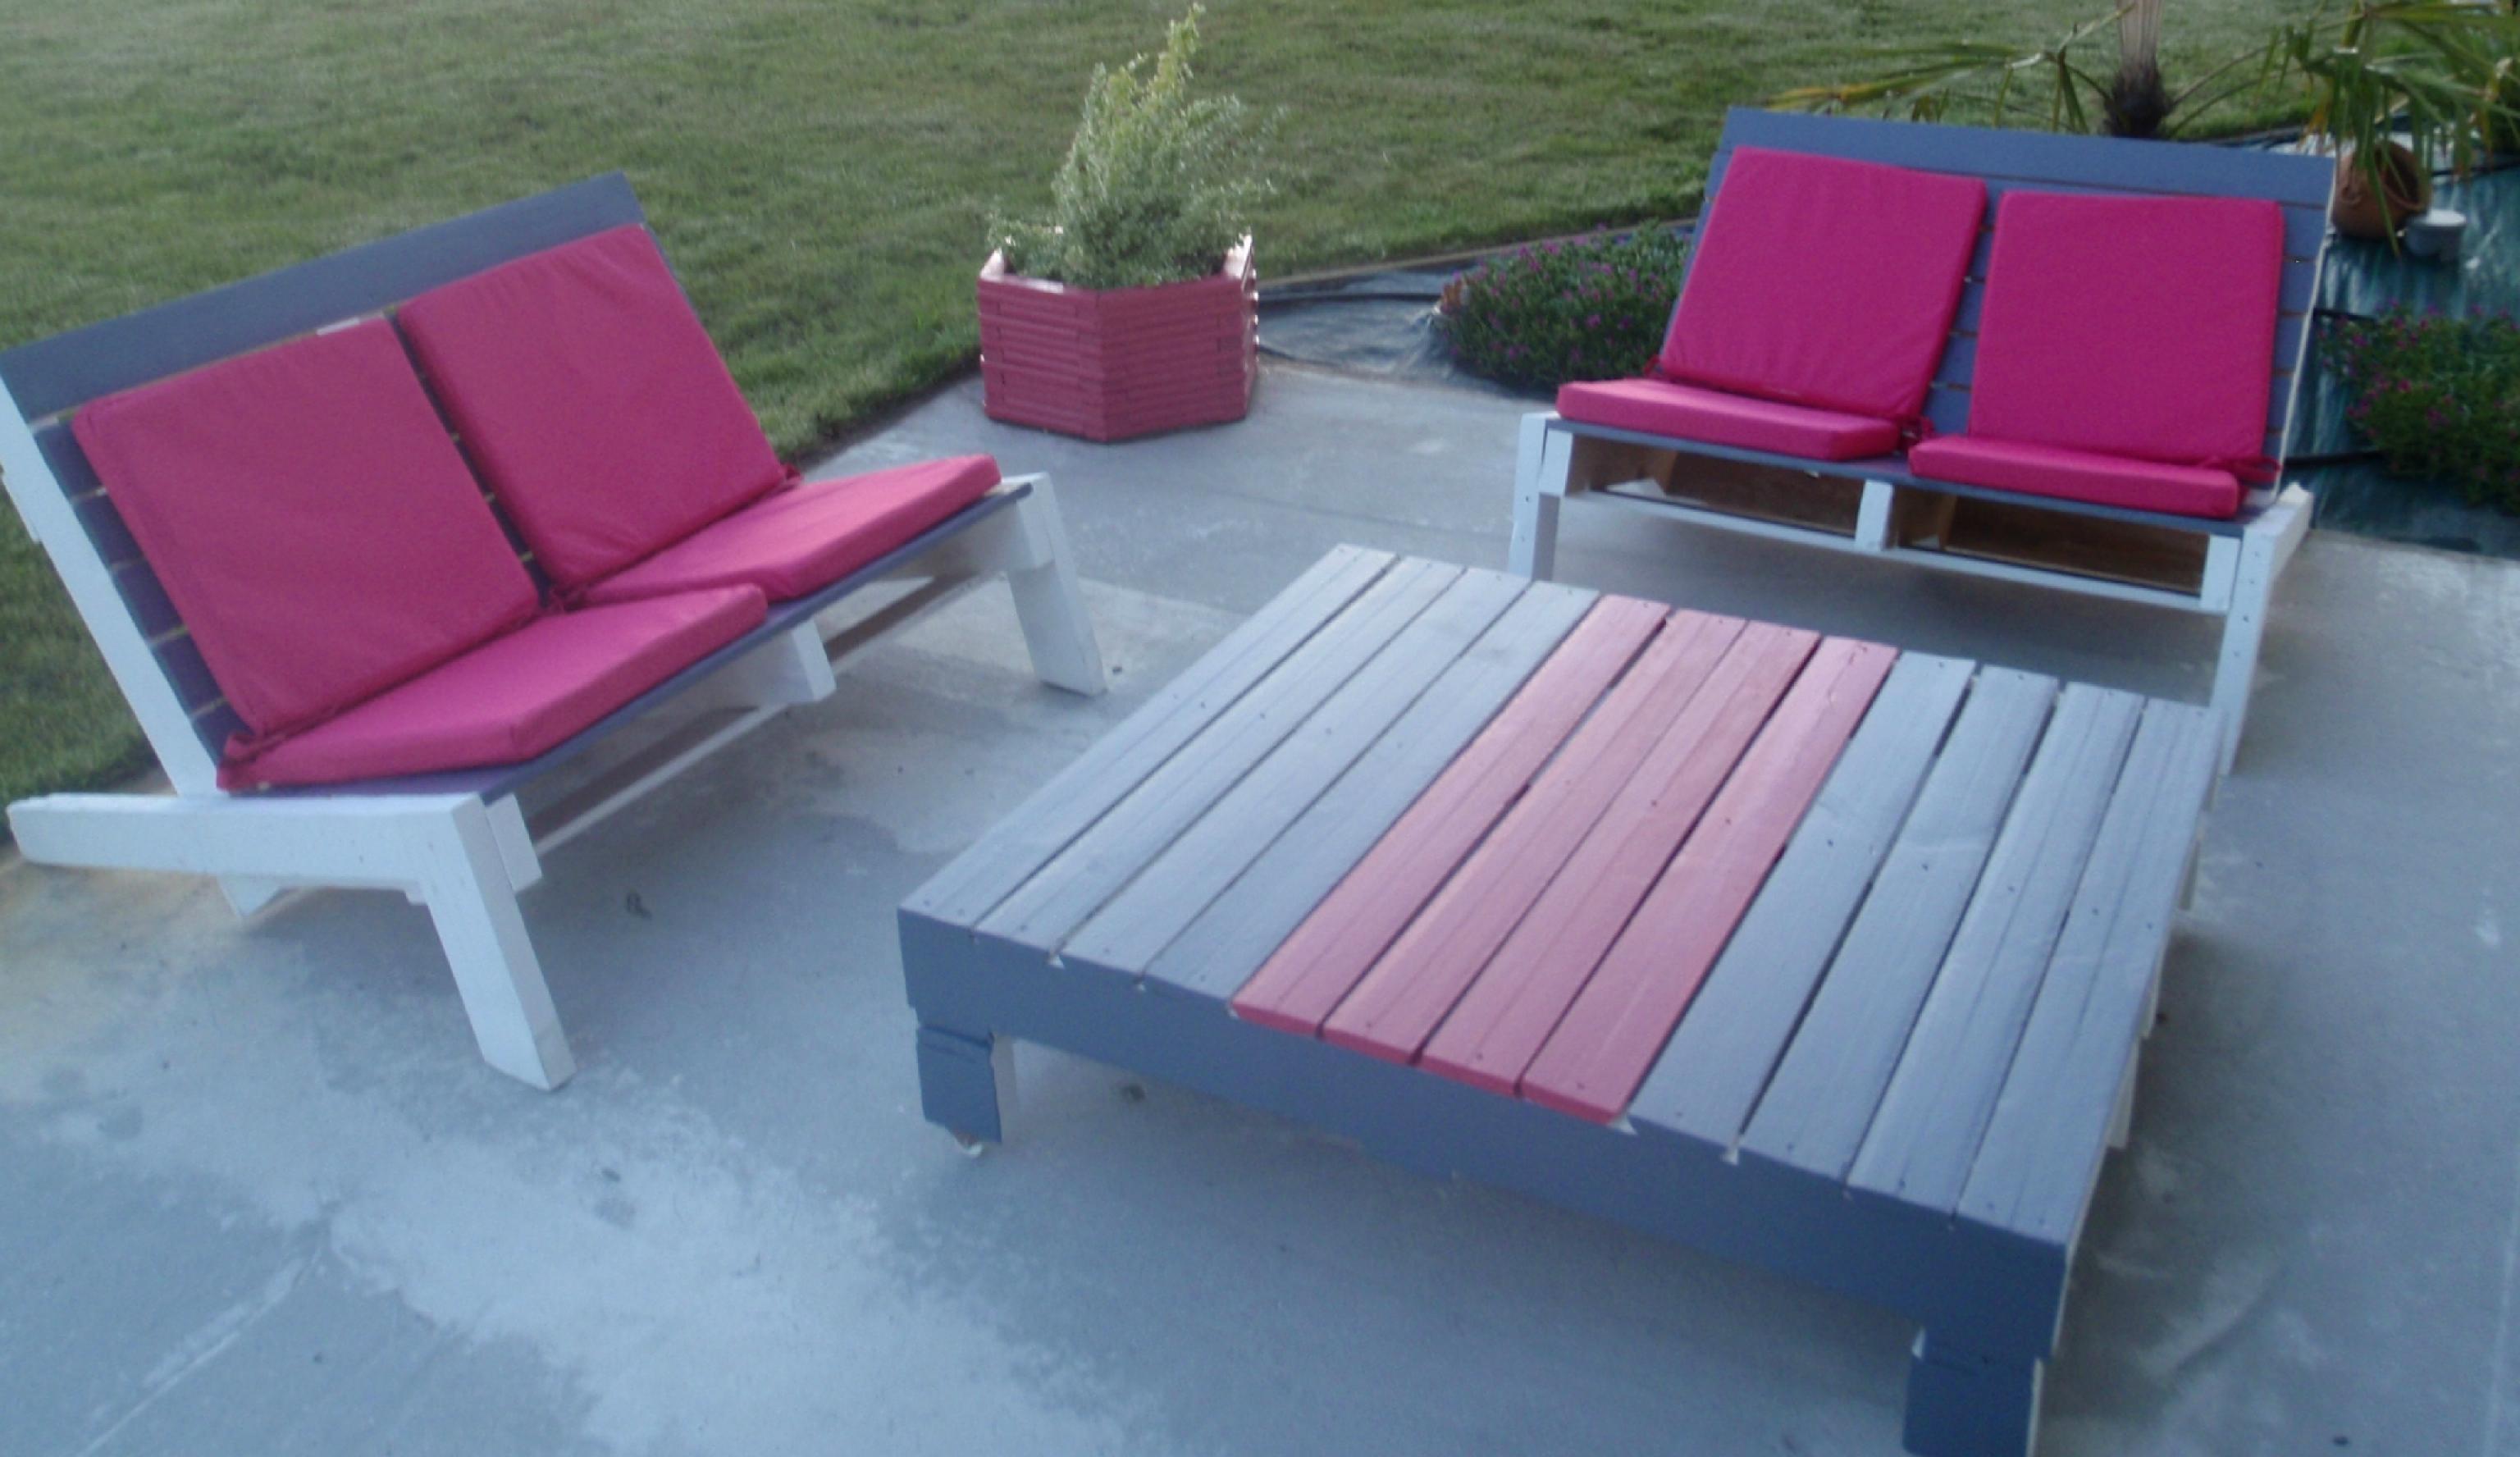 Salon de jardin en palette quel coussin - Jardin piscine et Cabane